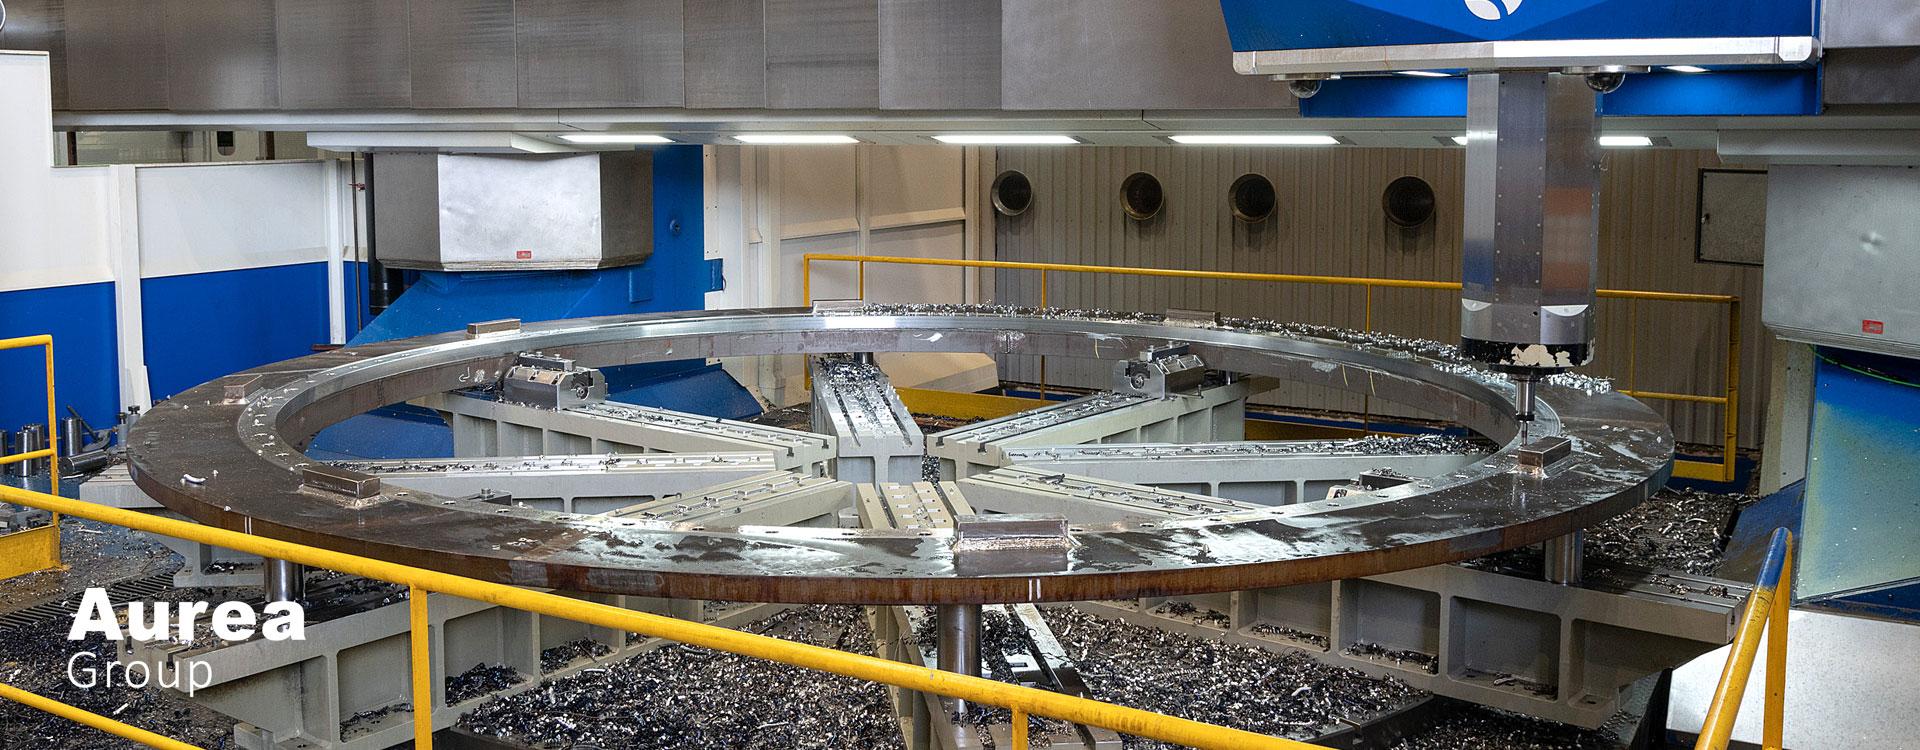 aurea-group_pkp-machining-aurea-steel-konekanta-alihankinta-konepaja_metalliteollisuus